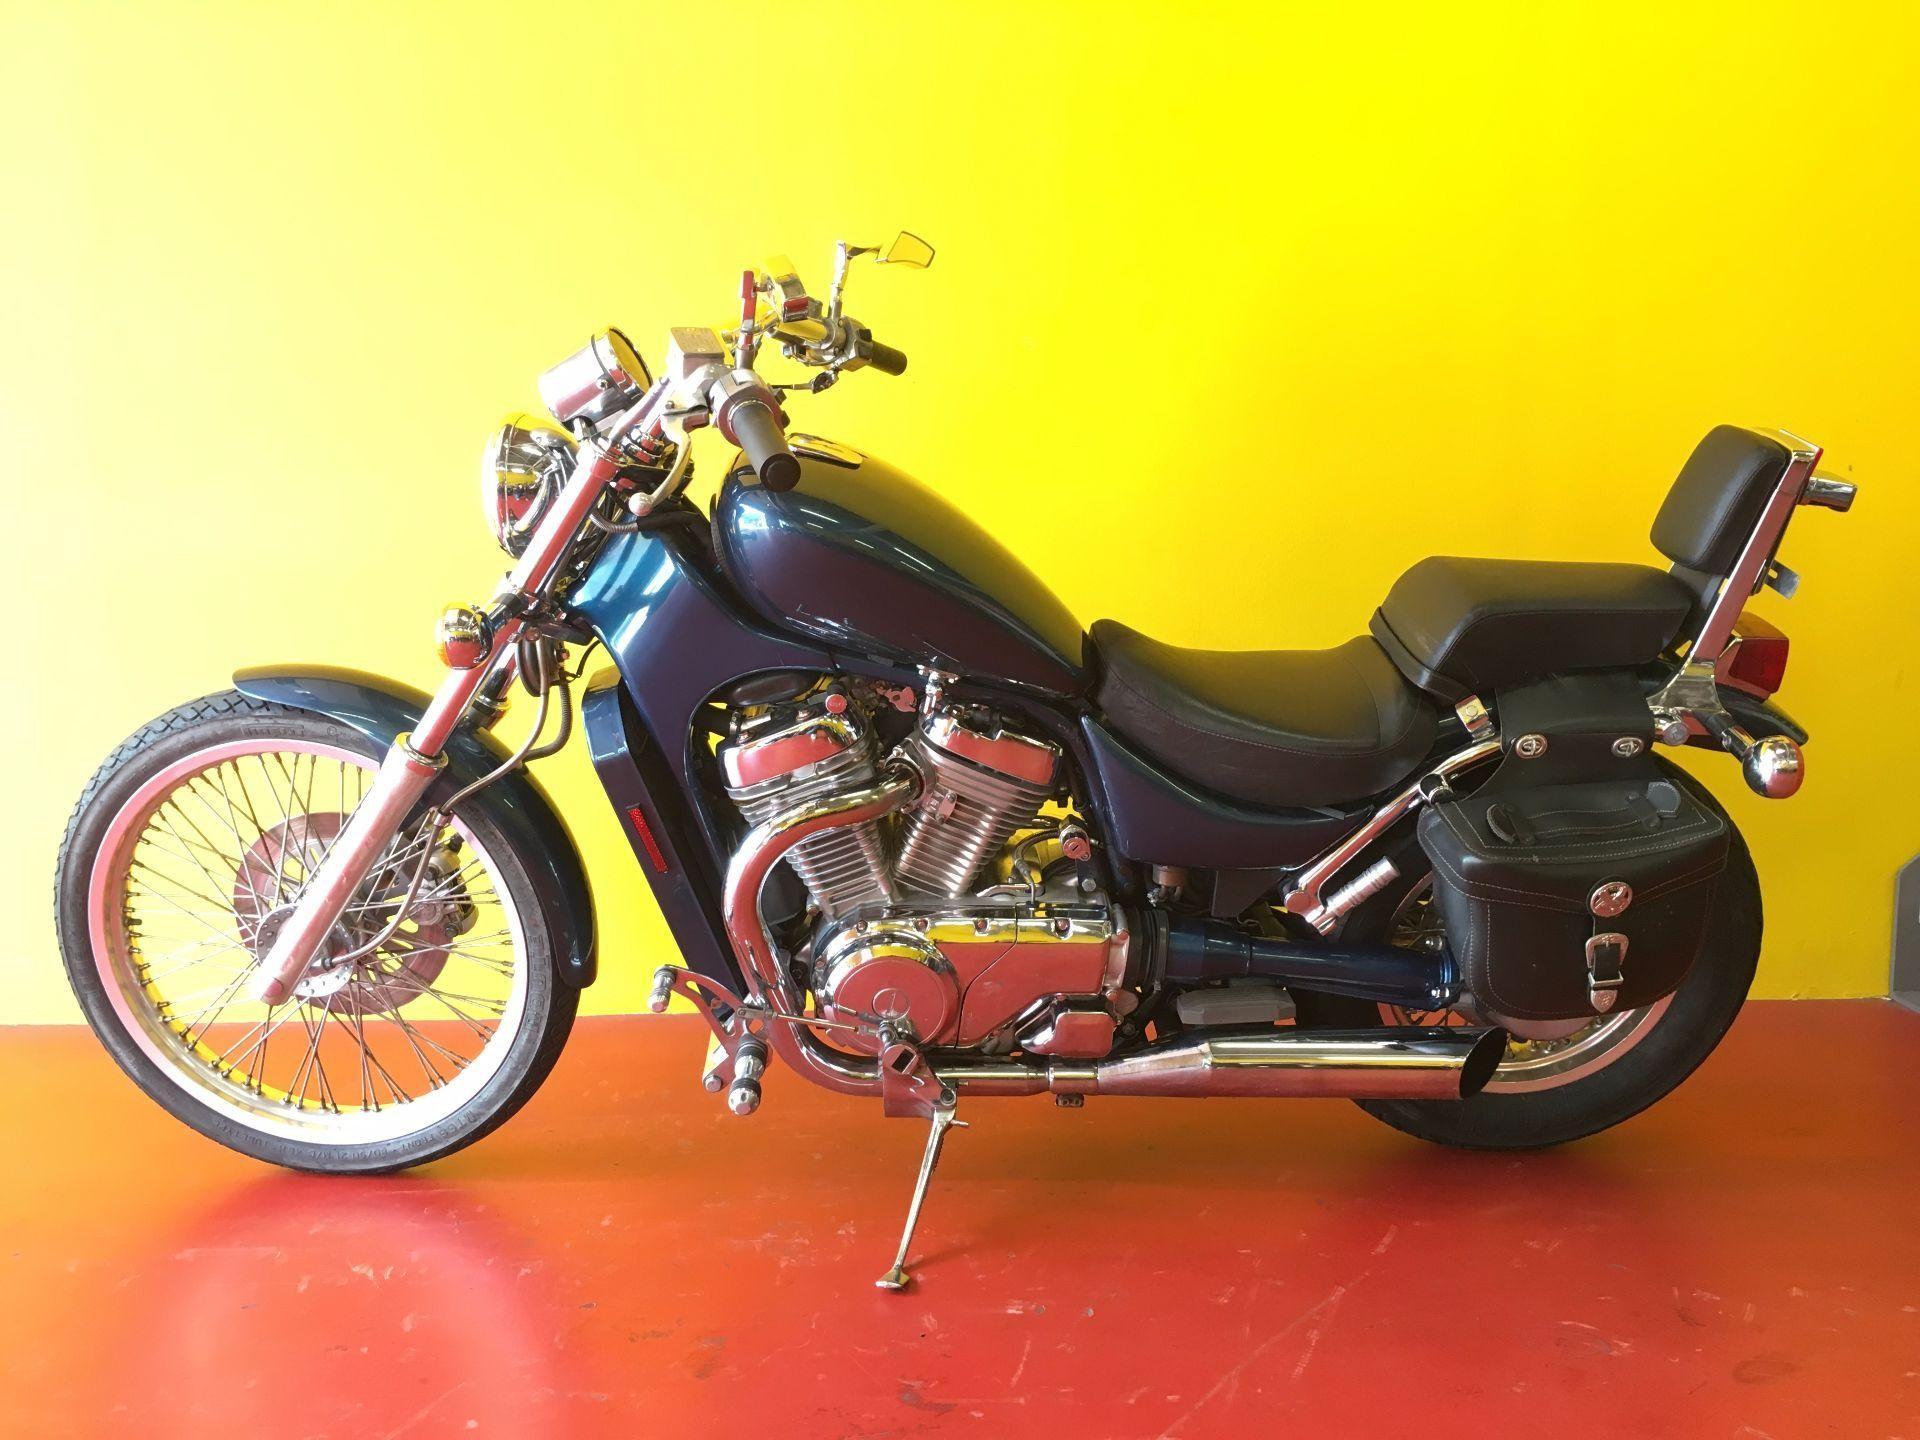 motorrad occasion kaufen suzuki vs 800 gl intruder centro moto ticino camorino camorino. Black Bedroom Furniture Sets. Home Design Ideas